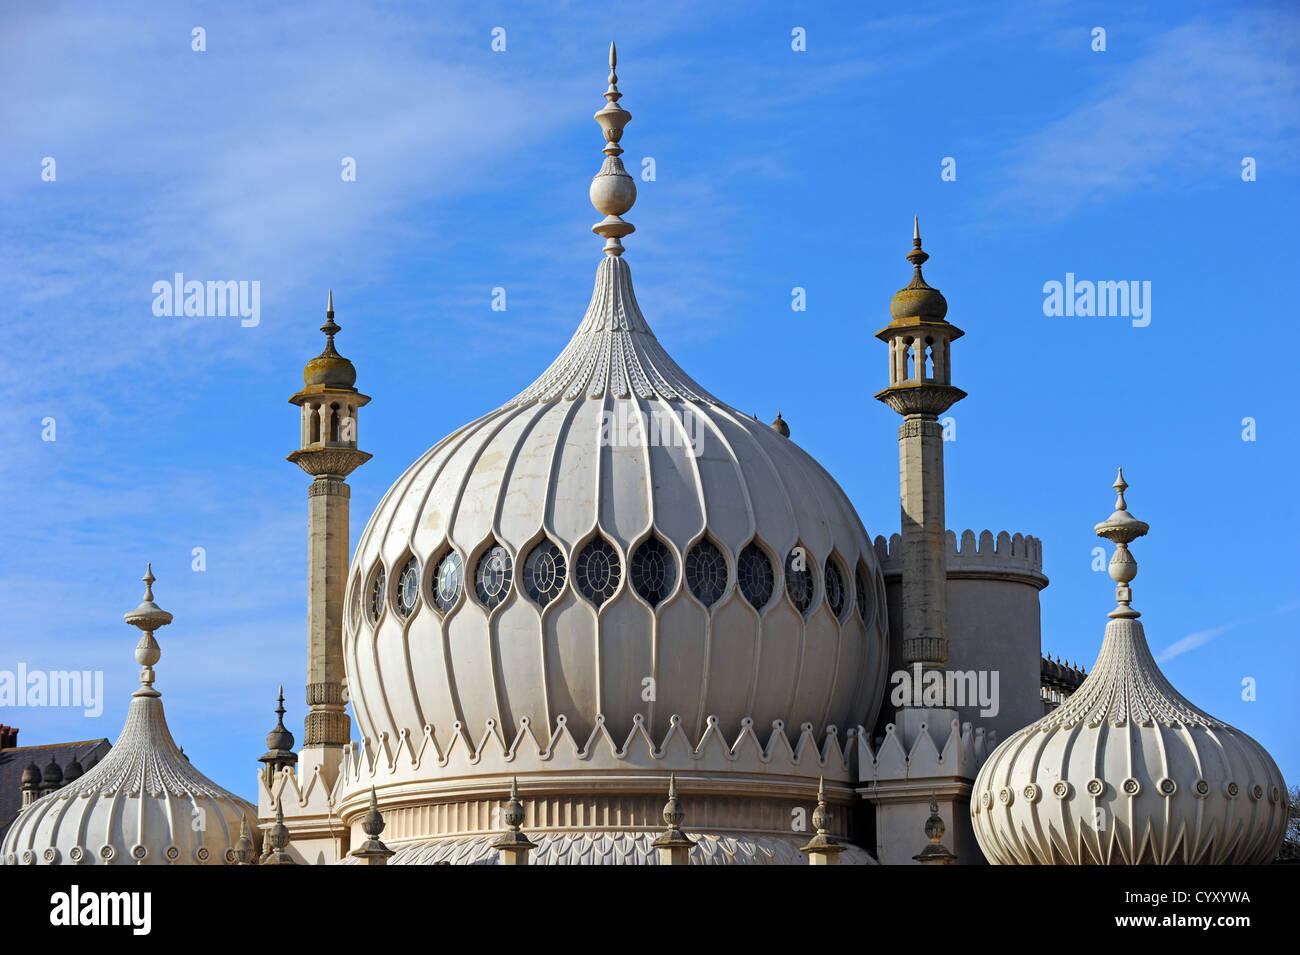 Brighton Royal Pavilion el espectacular Regency Palace, construido para el Príncipe Regente Jorge IV Imagen De Stock